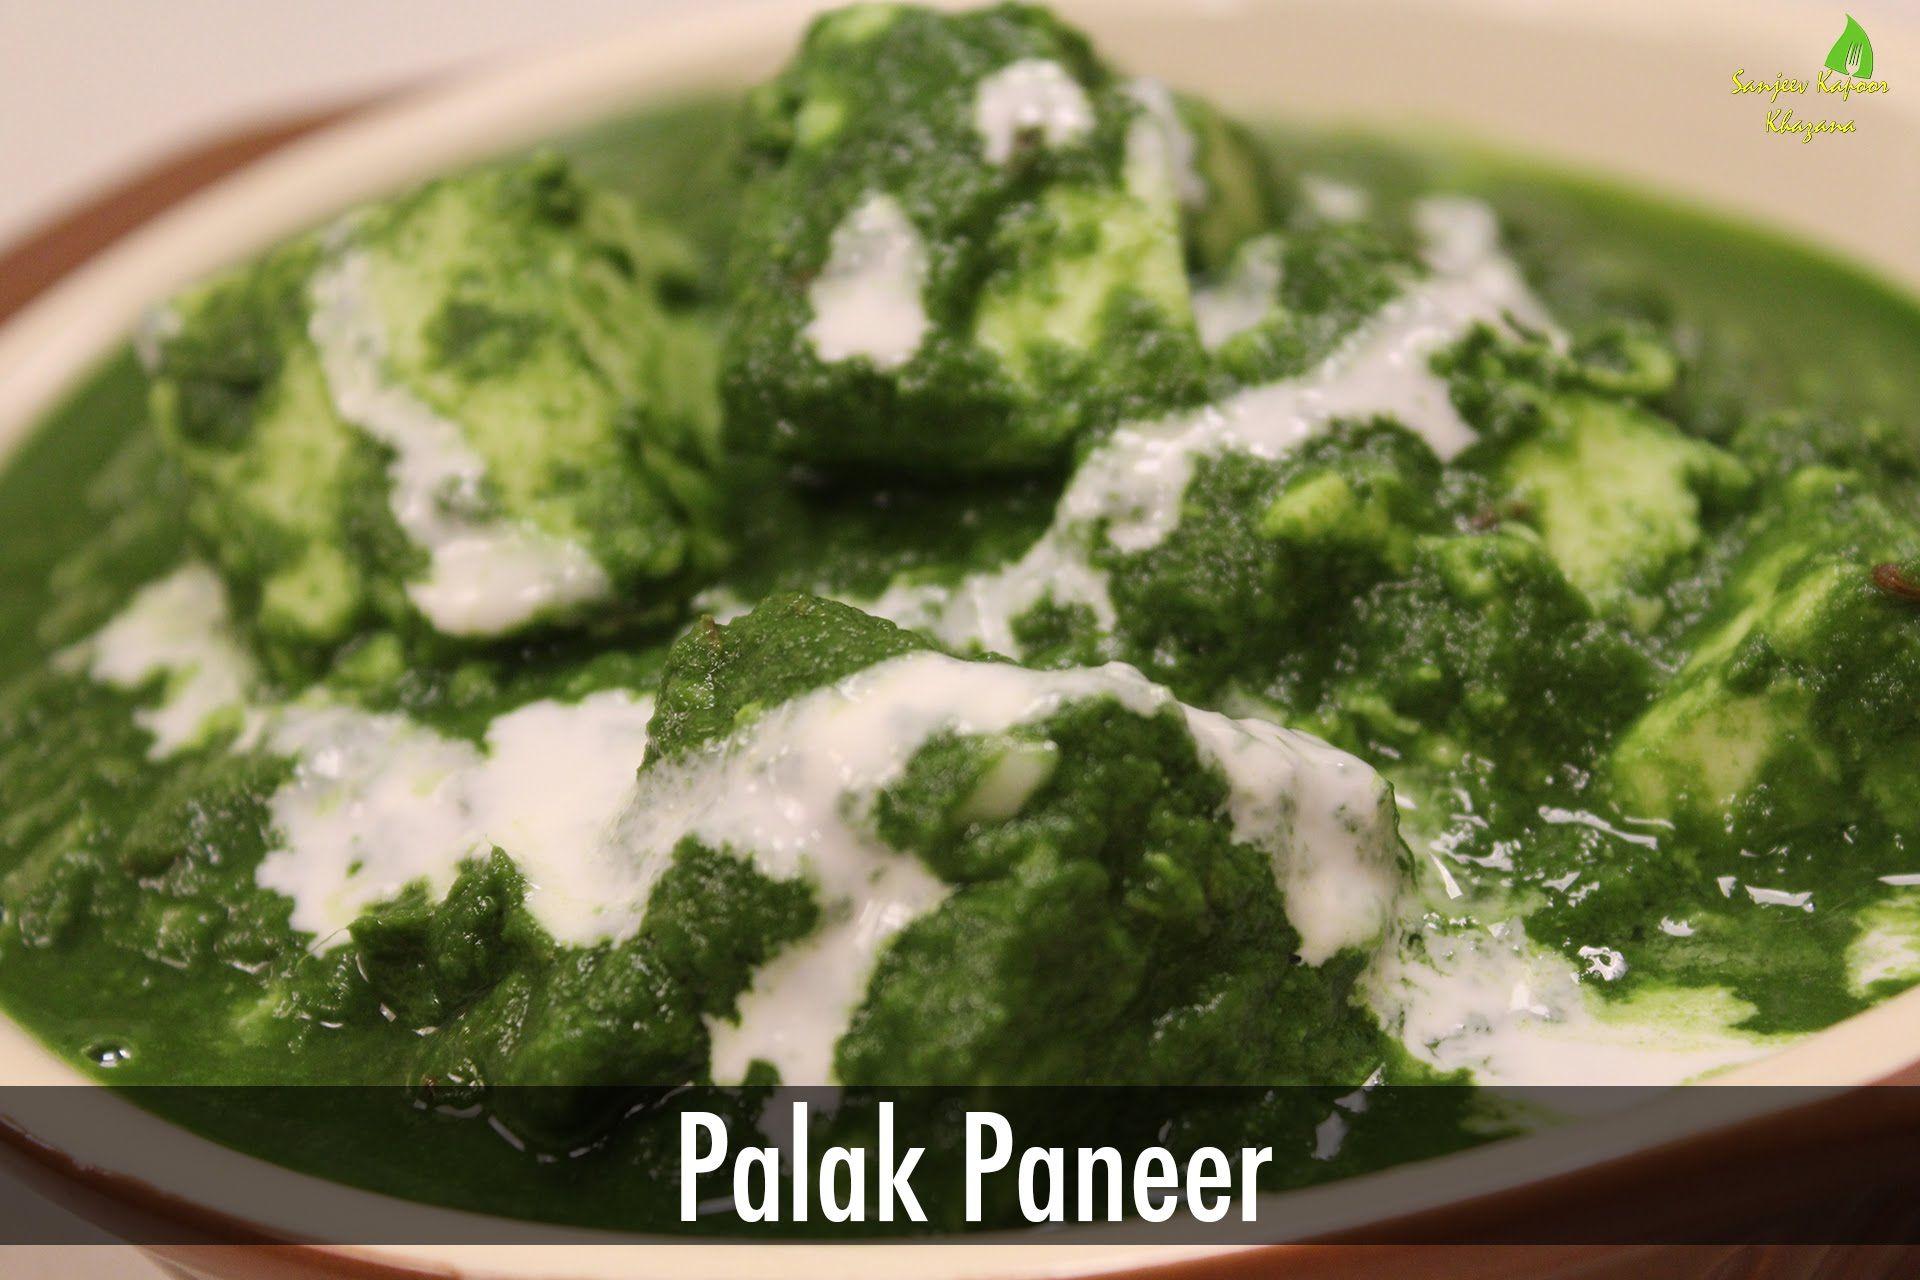 Palak paneer sanjeev kapoor khazana sanjeev kapoor recipes palak paneer sanjeev kapoor khazana forumfinder Images